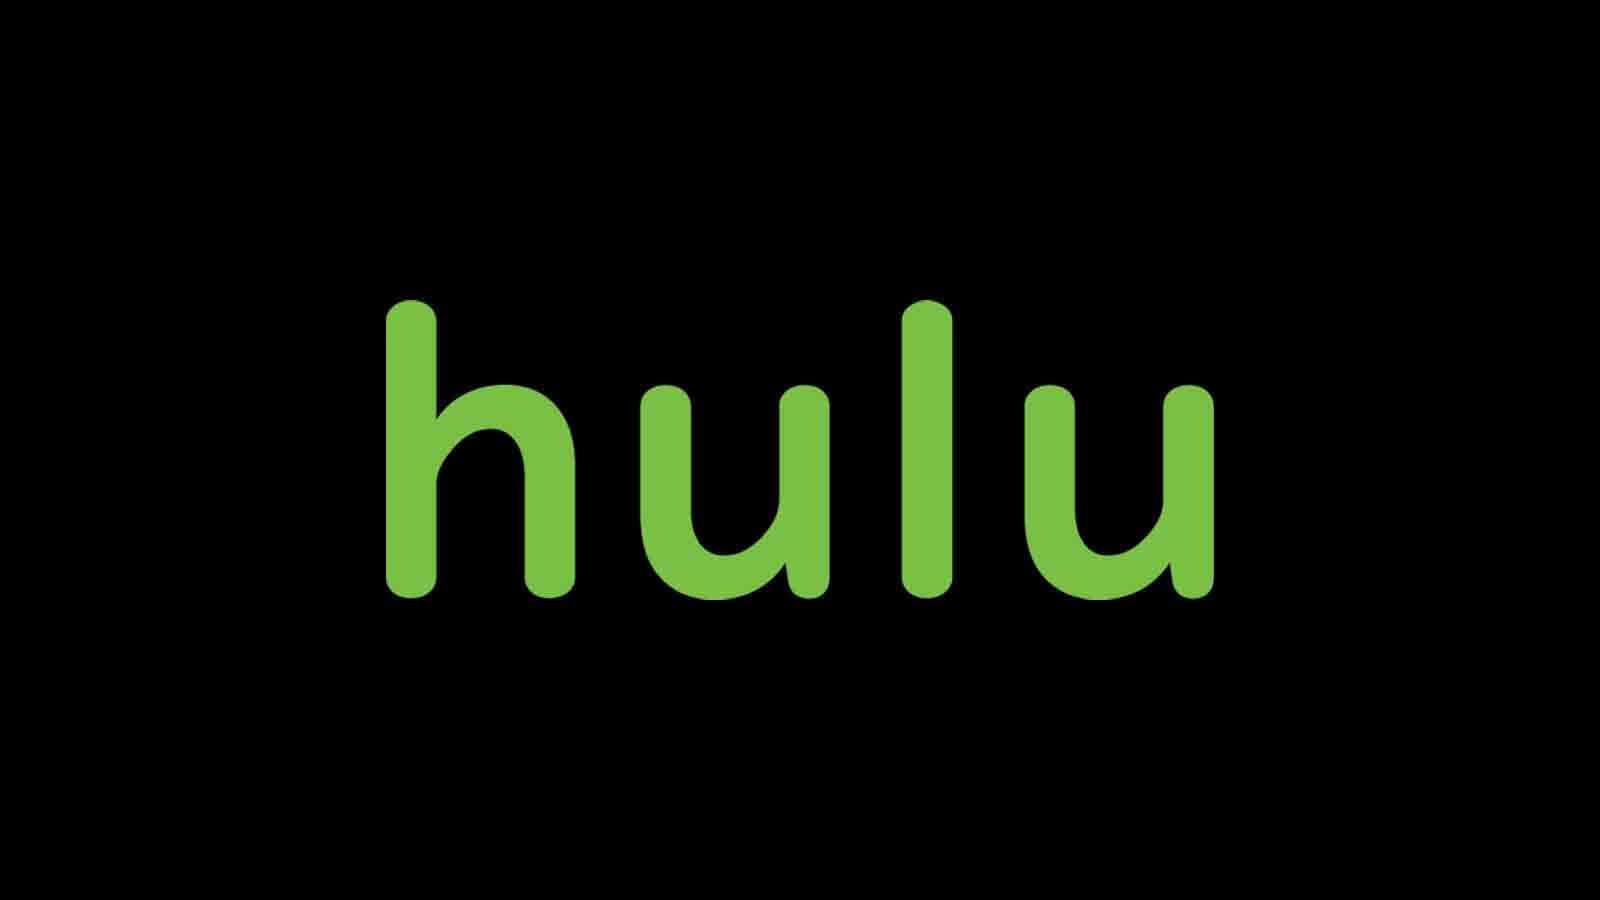 Huluをイメージさせる画像